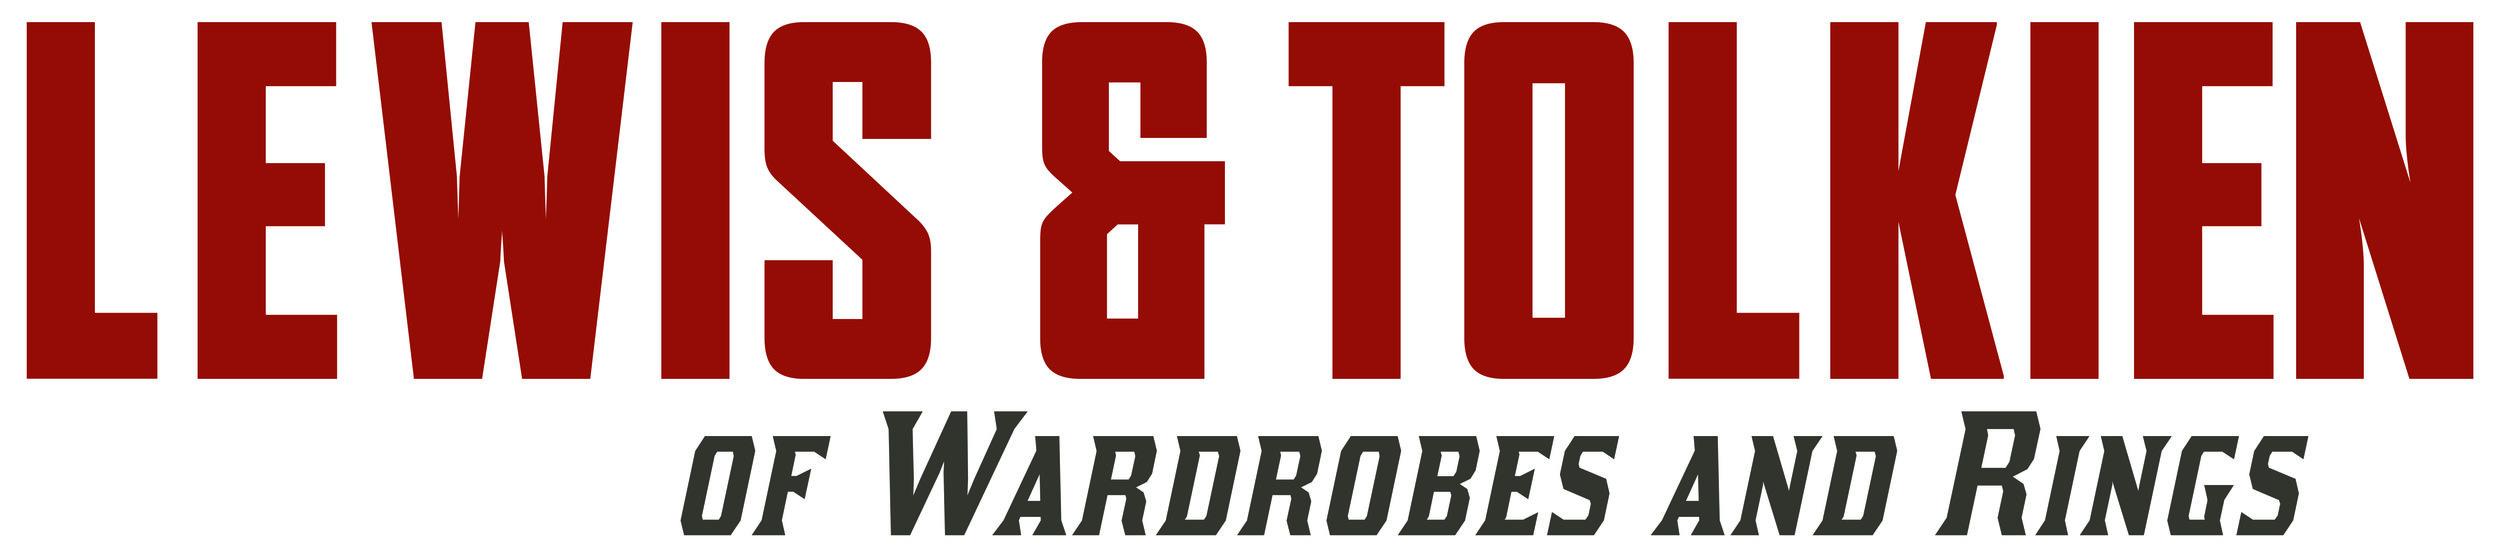 Wardrobes_ring_logo.jpg